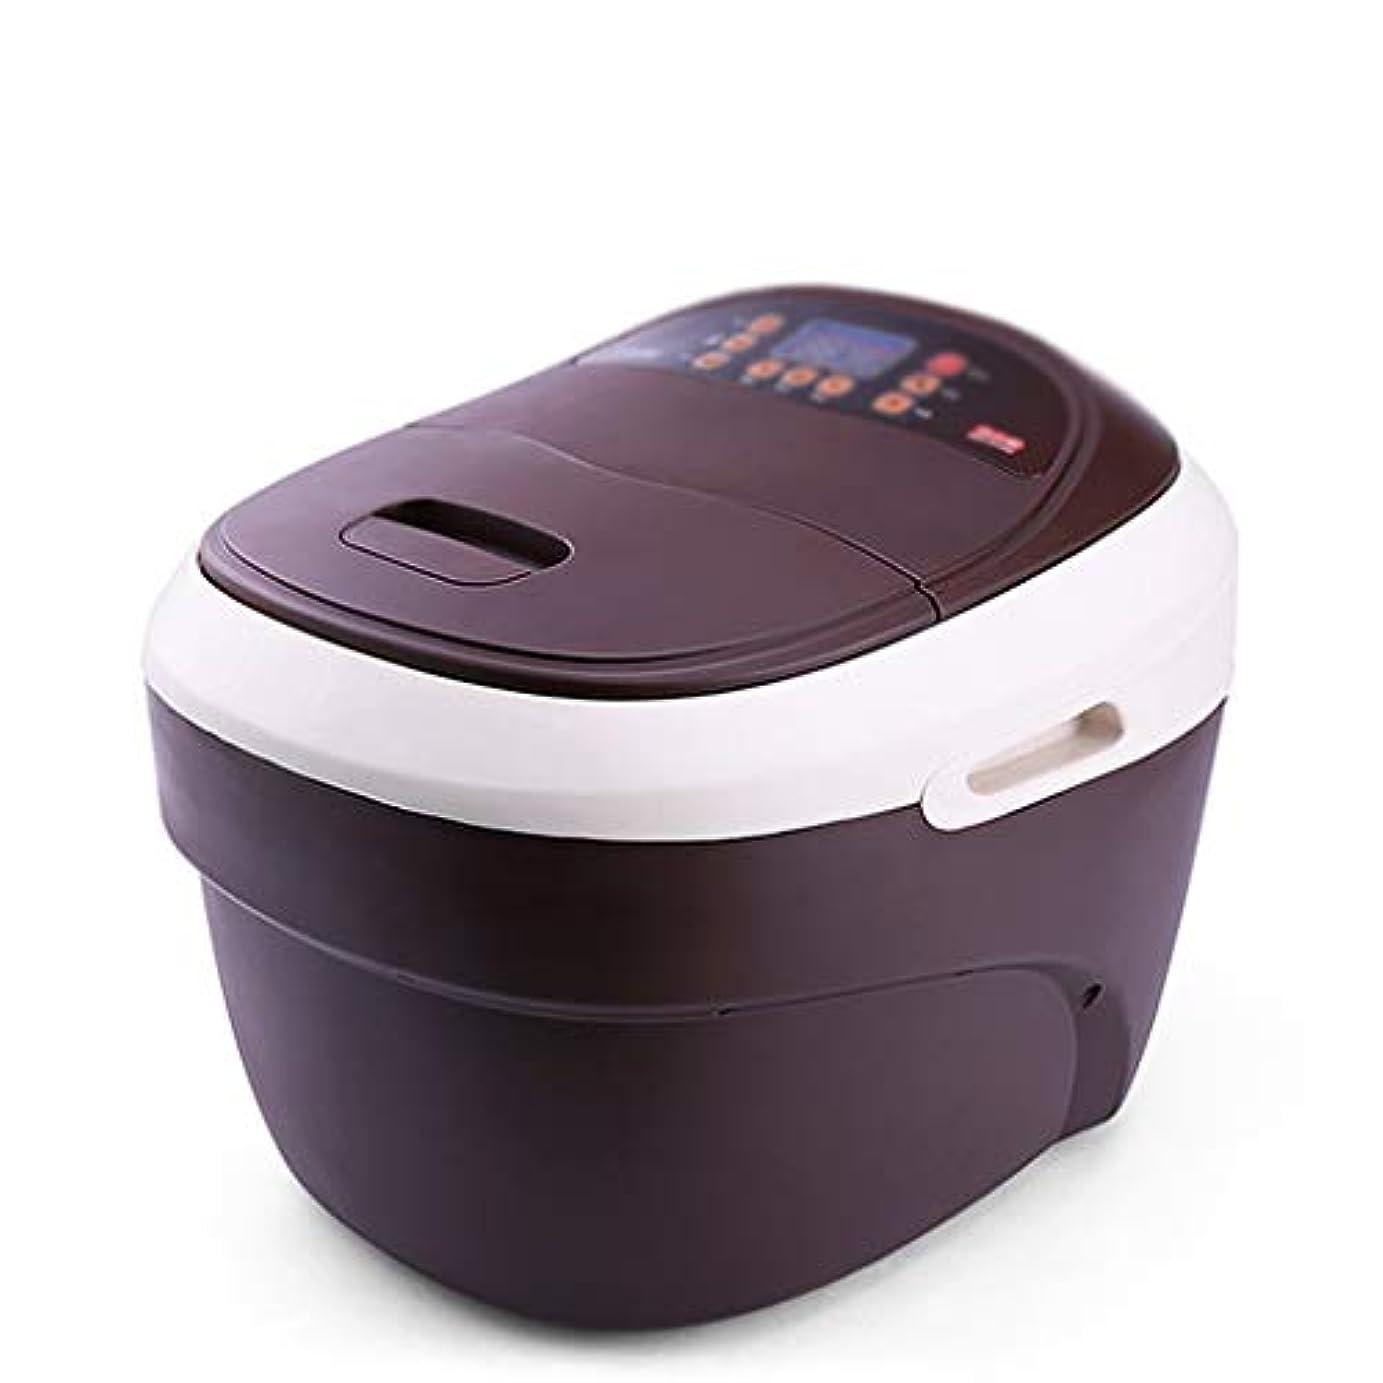 代わりの本物のアプライアンスフットマッサージャー?フットバス 足湯自動3Dマッサージフットバス足浴ペディキュア足浴槽電熱ホット足ホームスマートタイミング折り畳みポータブル (Color : Brown, Size : 53 * 42 * 42cm)